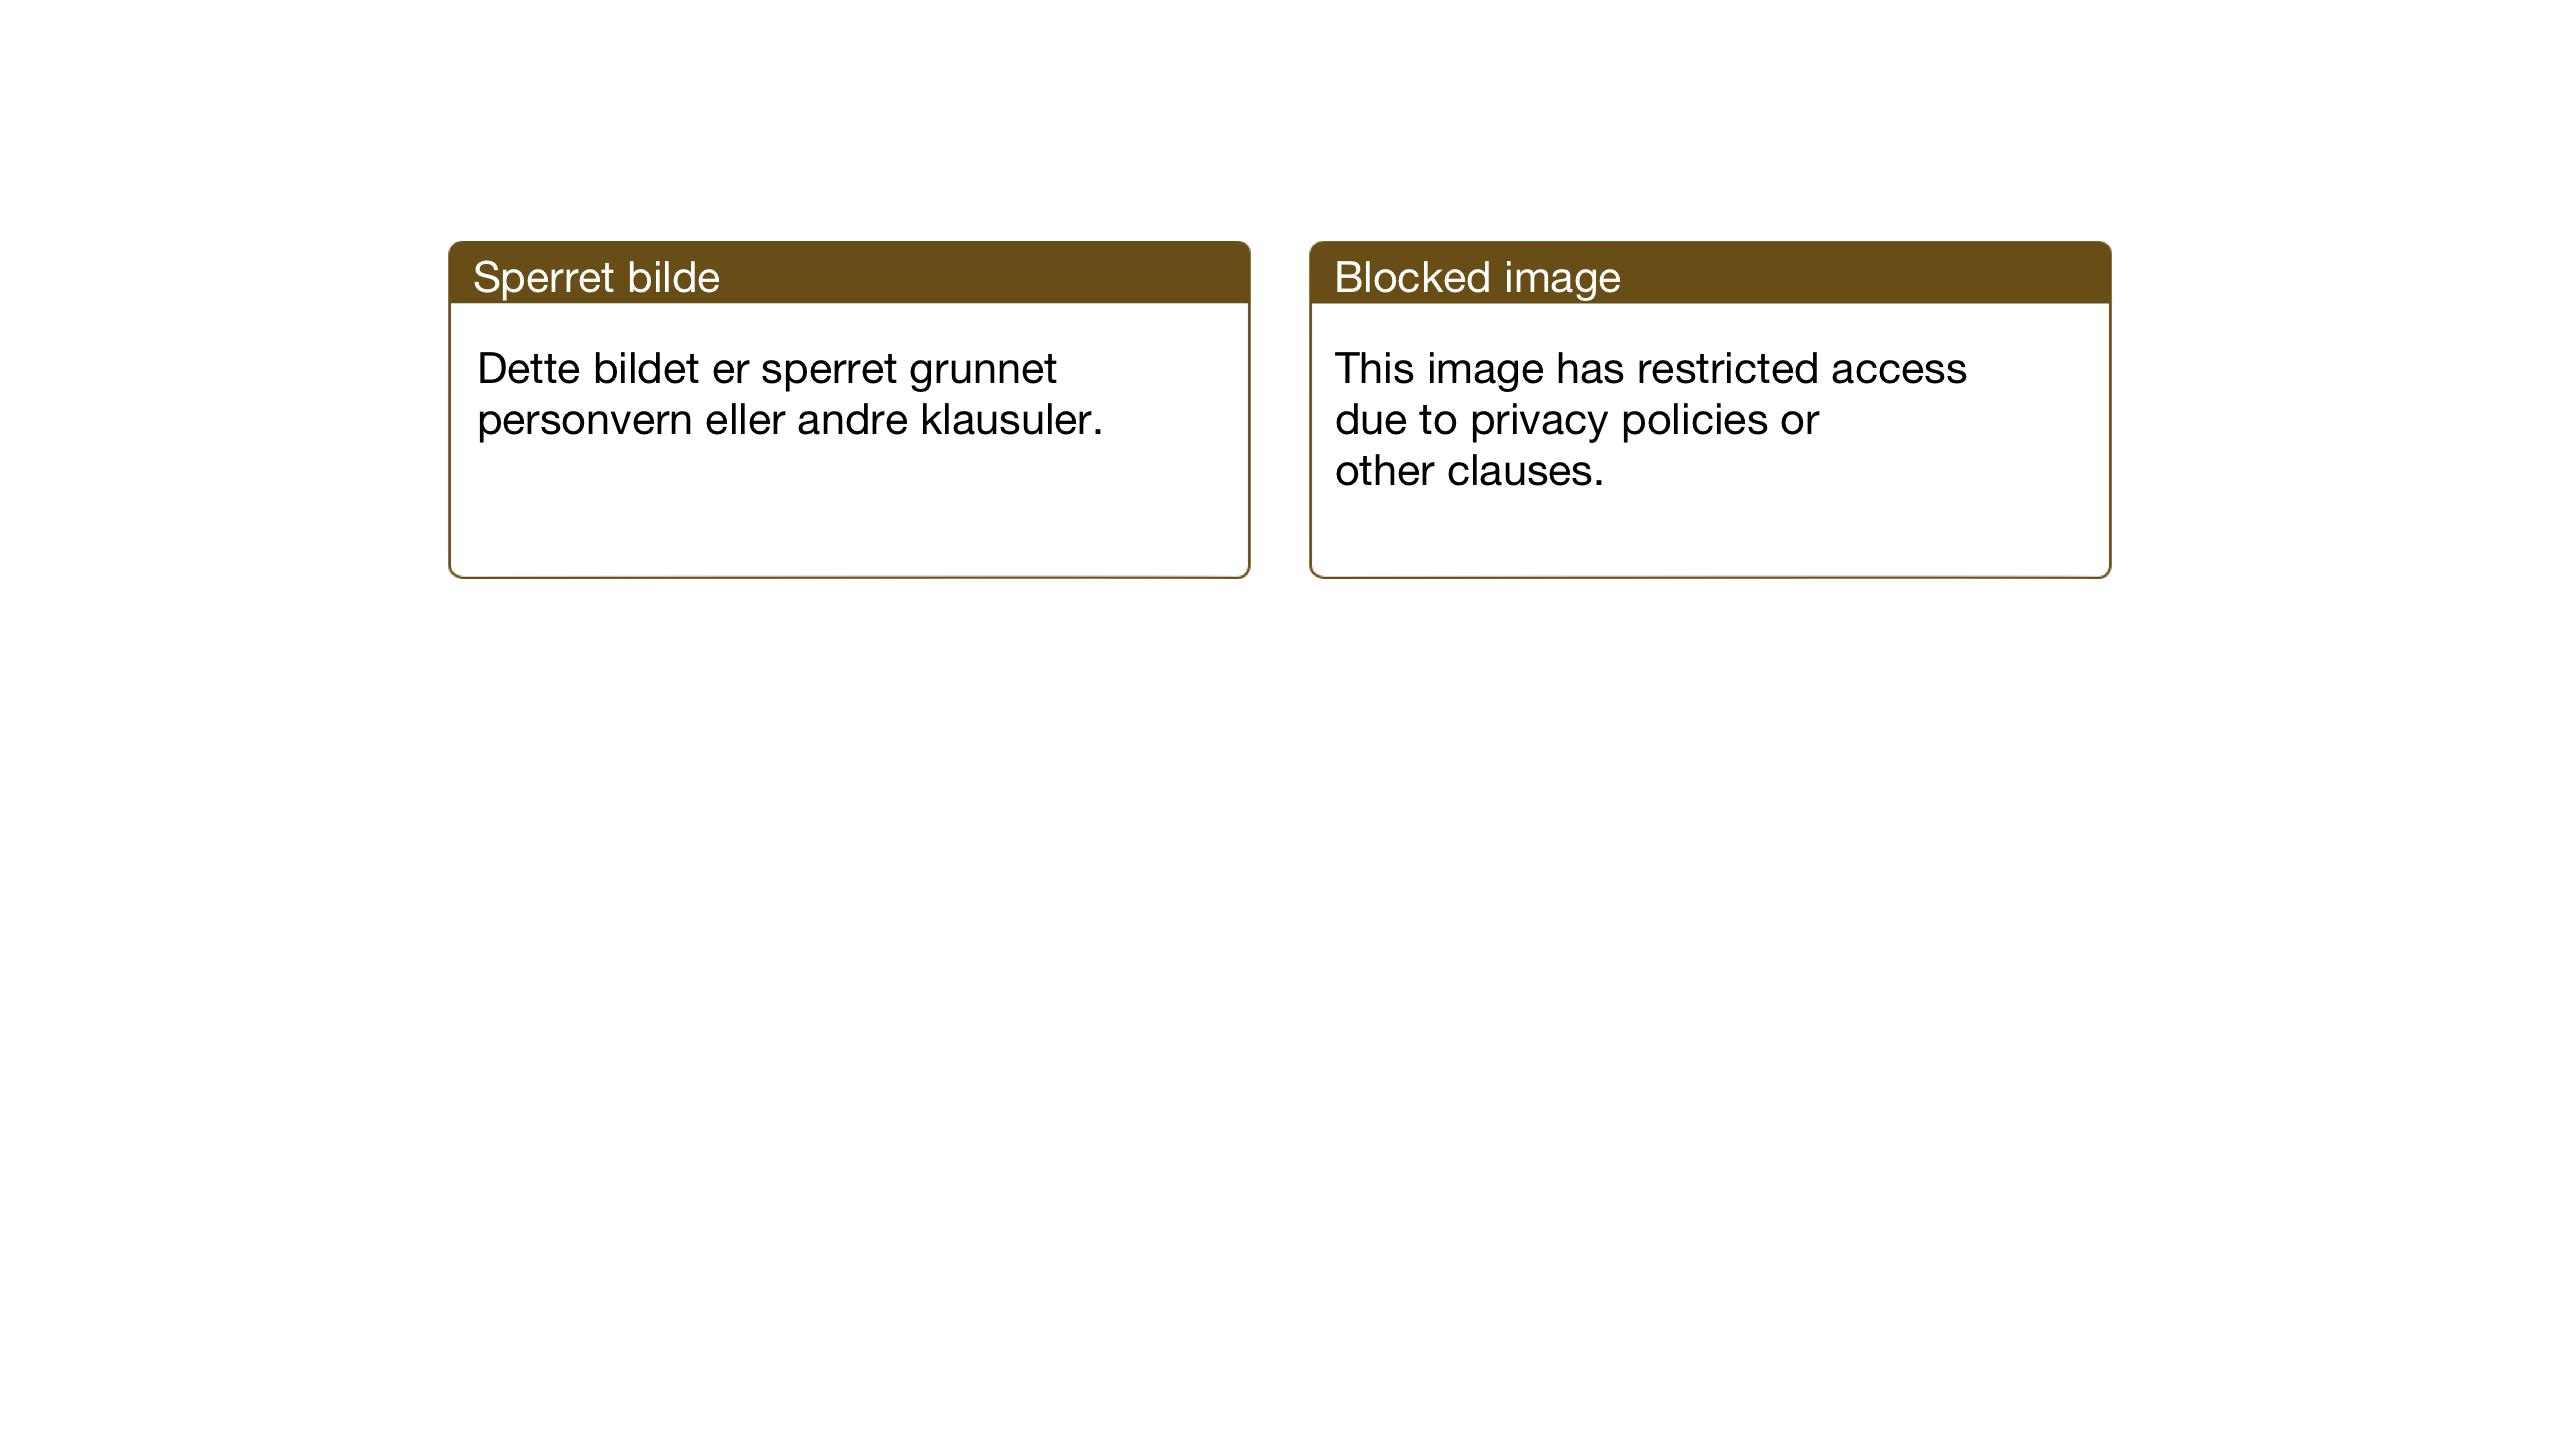 SAT, Ministerialprotokoller, klokkerbøker og fødselsregistre - Nord-Trøndelag, 733/L0328: Klokkerbok nr. 733C03, 1919-1966, s. 131